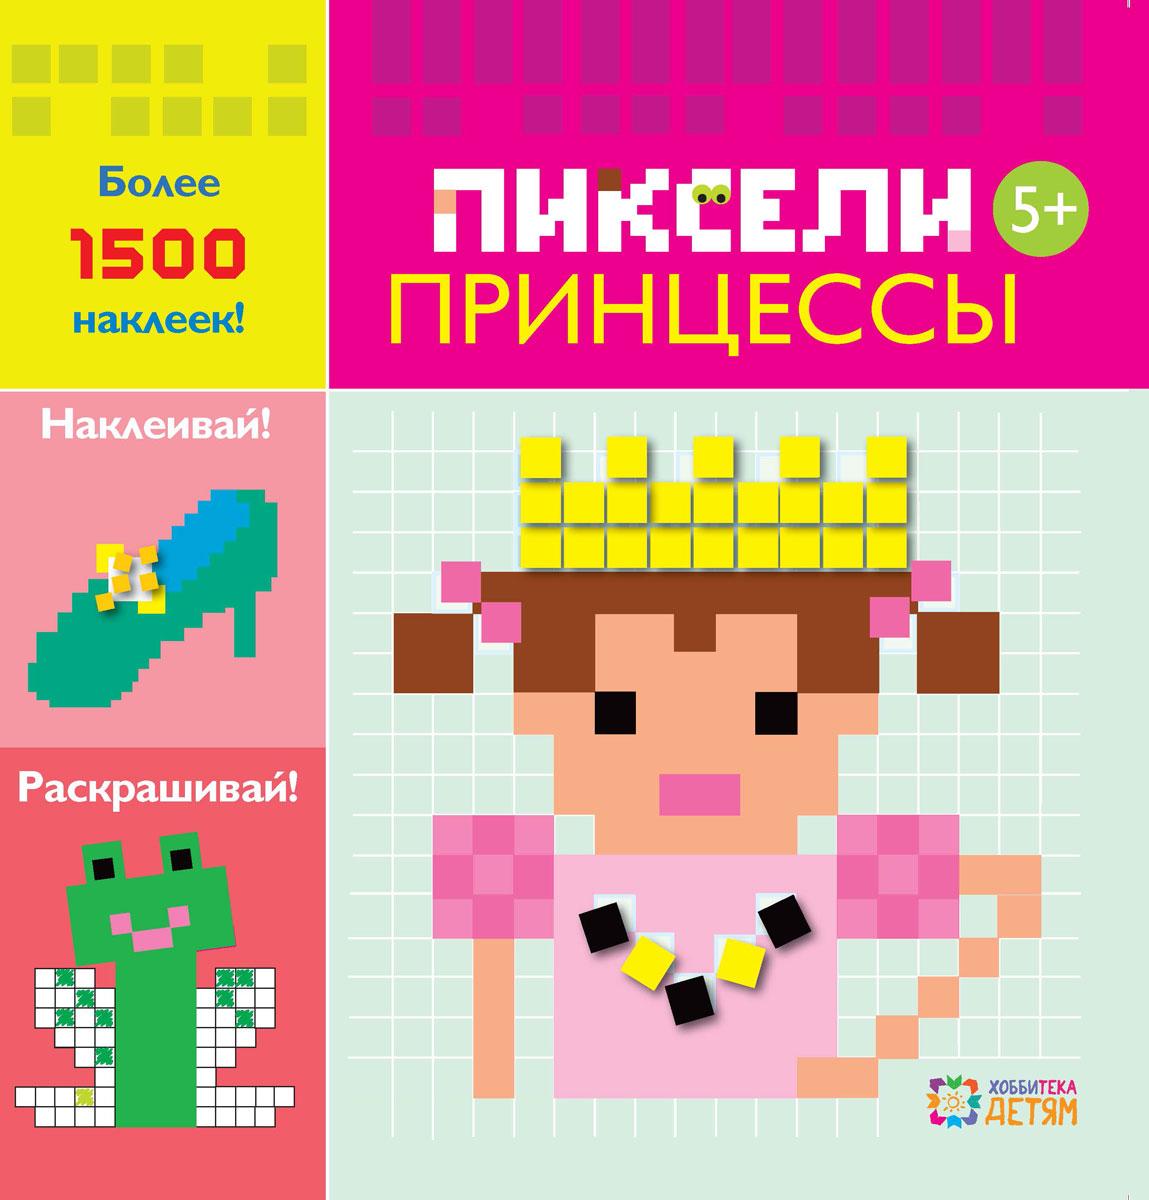 Принцессы. Пиксели. Наклей и раскрась12296407Книги серии Пиксели. Наклей и раскрась предлагают увлекательную игру - представить привычное изображение в виде набора разноцветных квадратиков-пикселей. В книге более 1500 стикеров для творчества! Можно раскрасить рисунок по пикселям, а можно наклеивать квадратики-пиксели по схеме и получать потрясающие пиксельные картинки. Игра развивает у ребёнка логическое мышление, мелкую моторику, учит концентрироваться, прививает усидчивость и аккуратность.